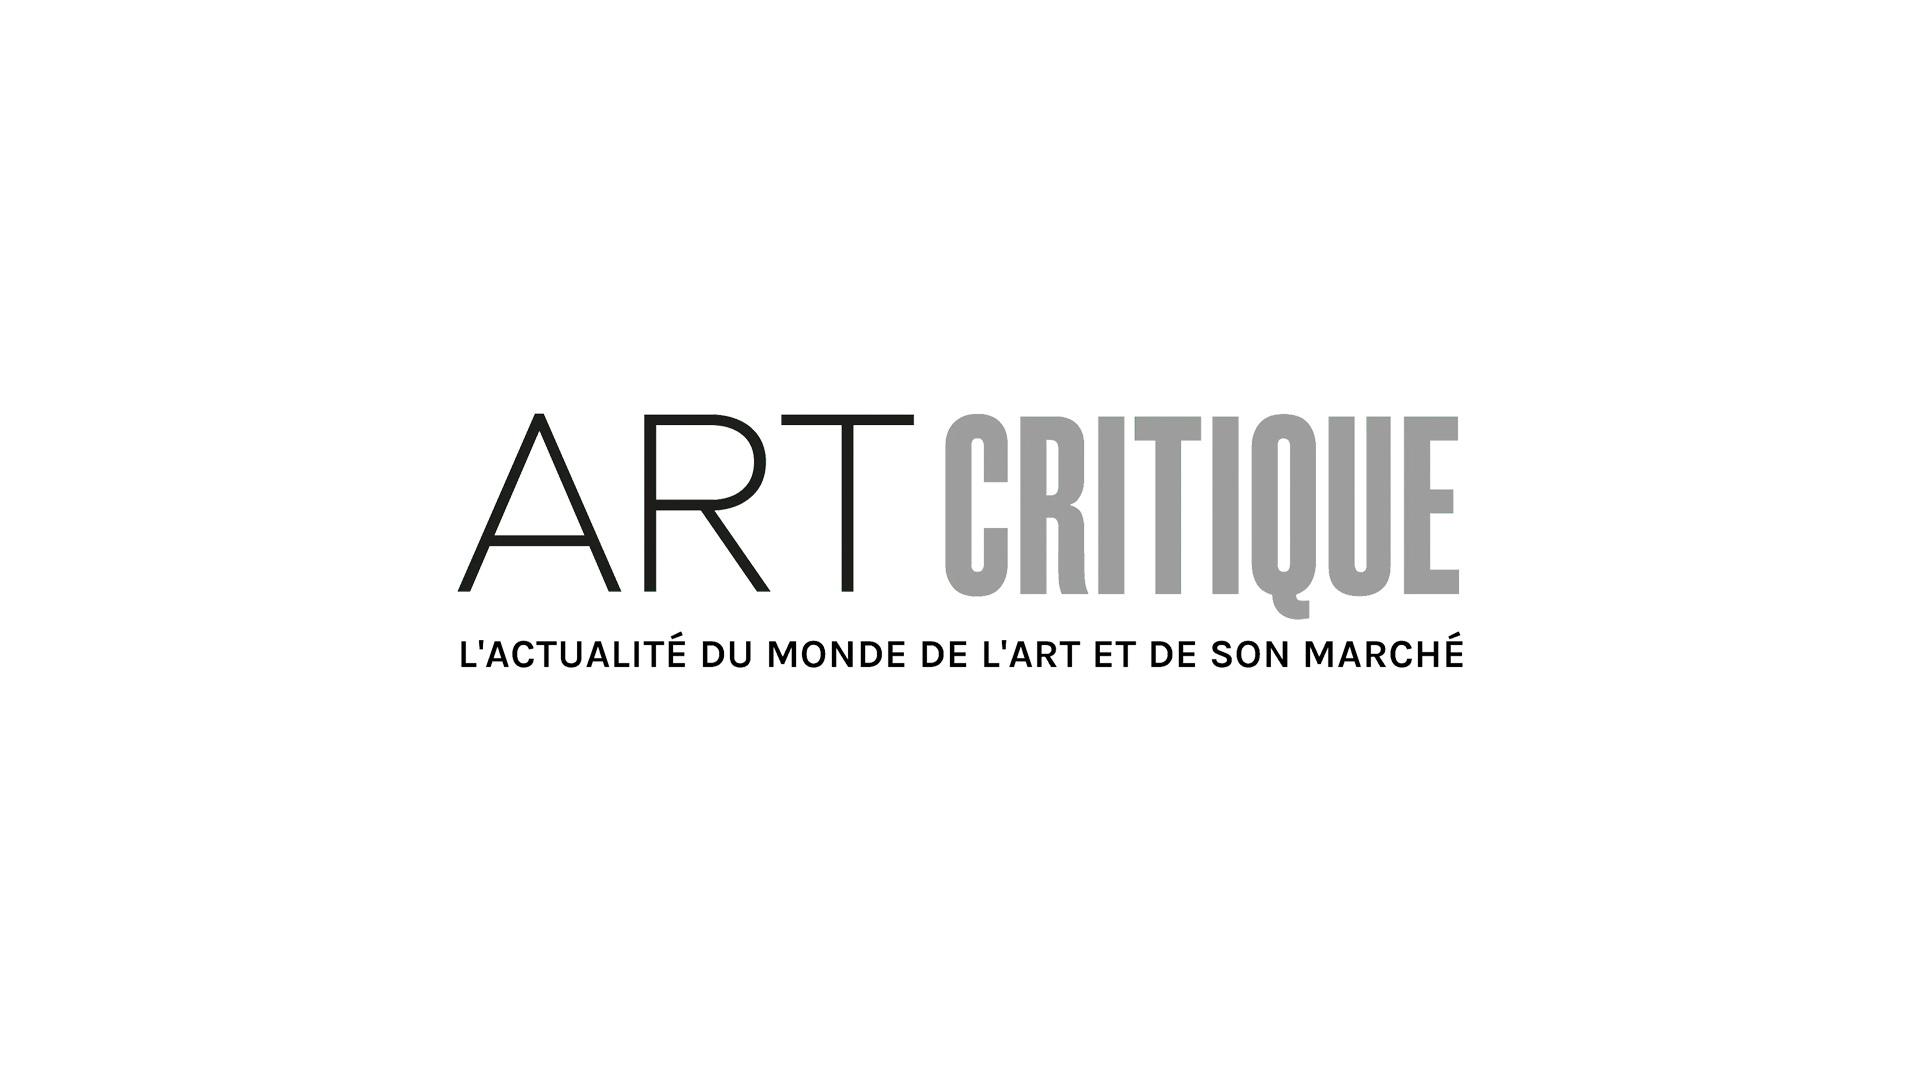 Arata Isozaki wins the 2019 Pritzker Architecture Prize